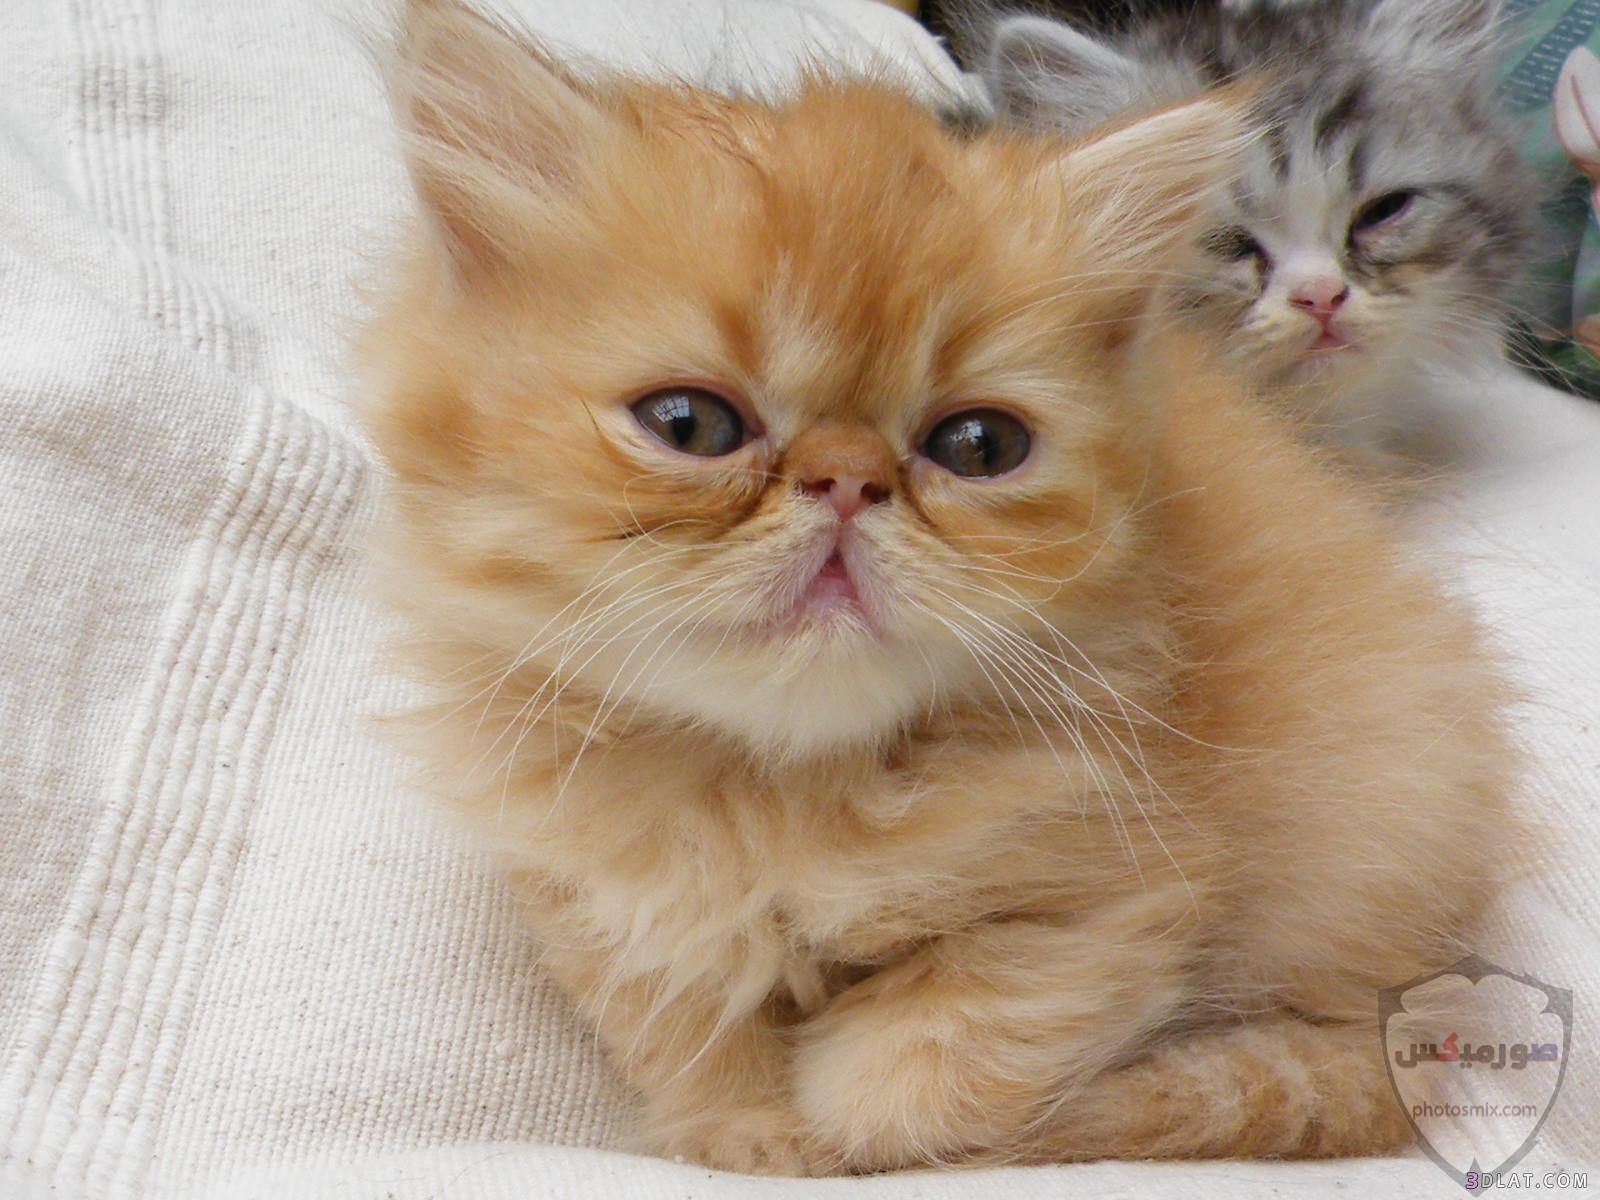 صور خلفيات رمزيات قطط كيوت صورة قطة كيوت جدا 19